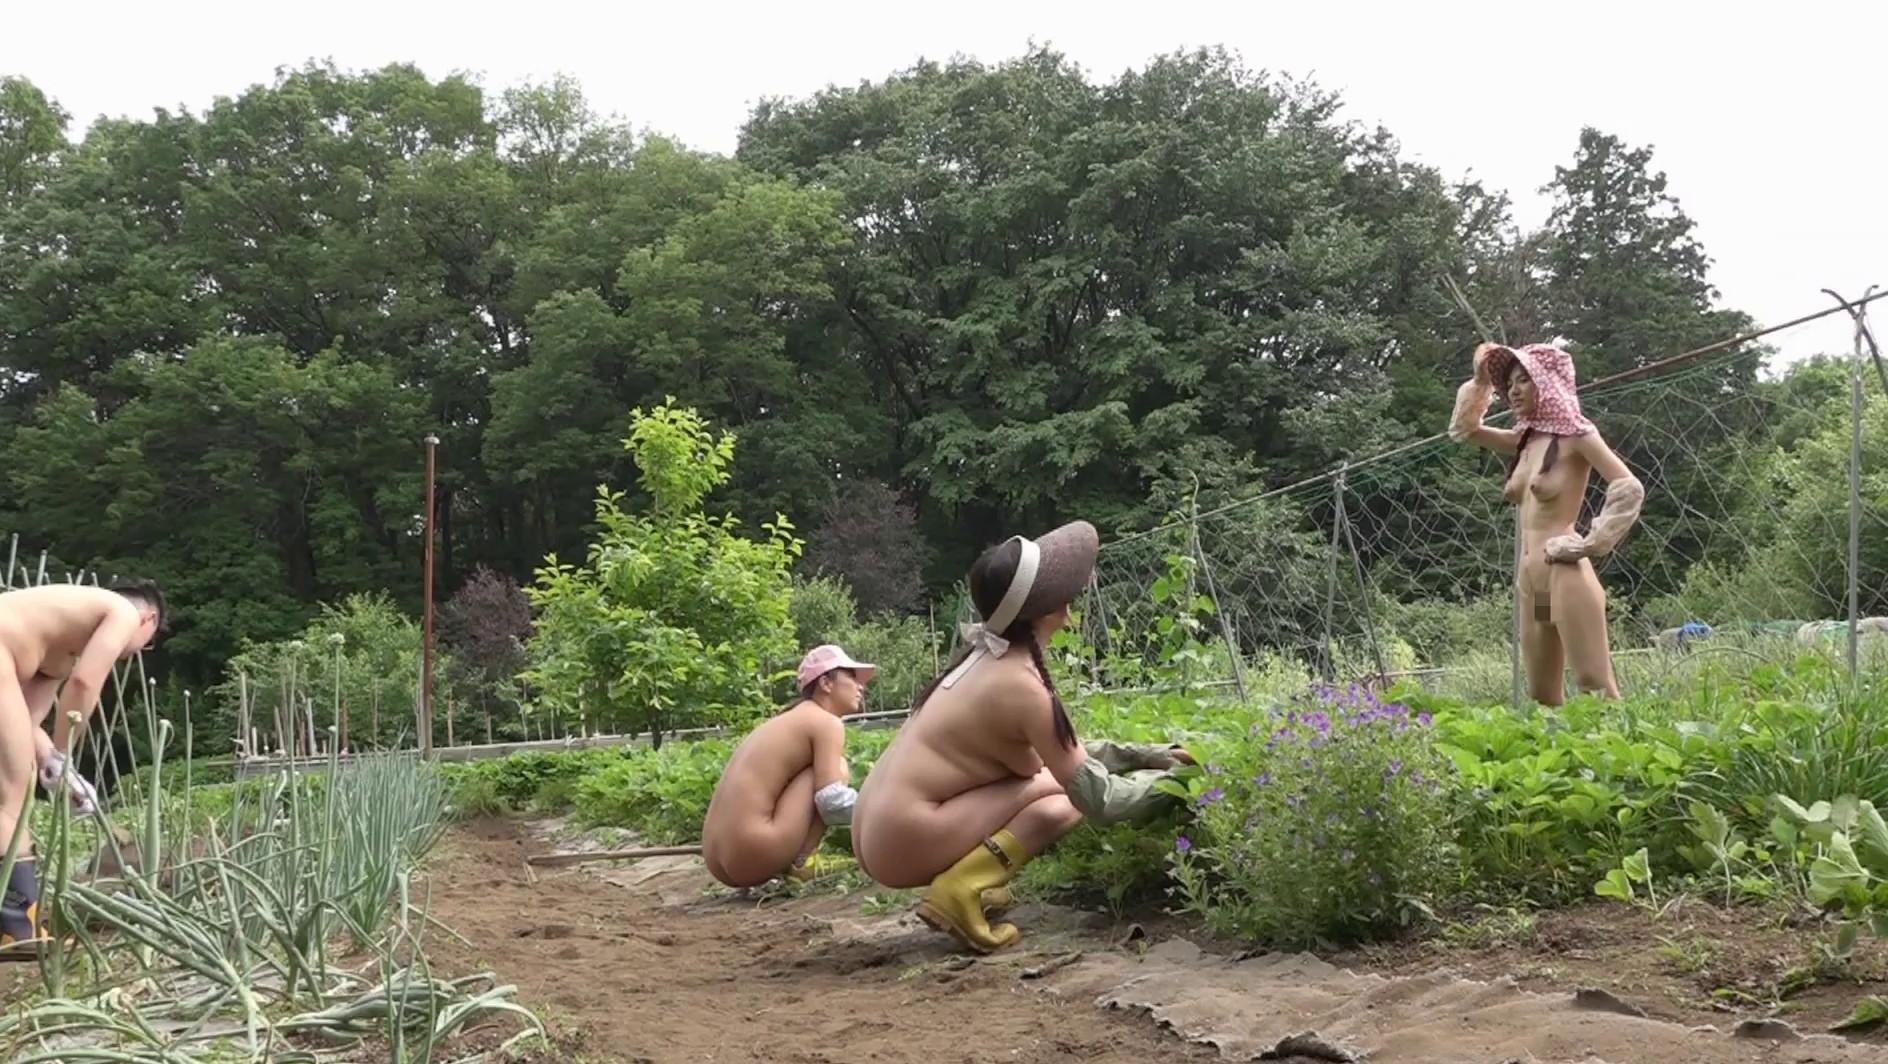 全裸若農婦は実在した!?